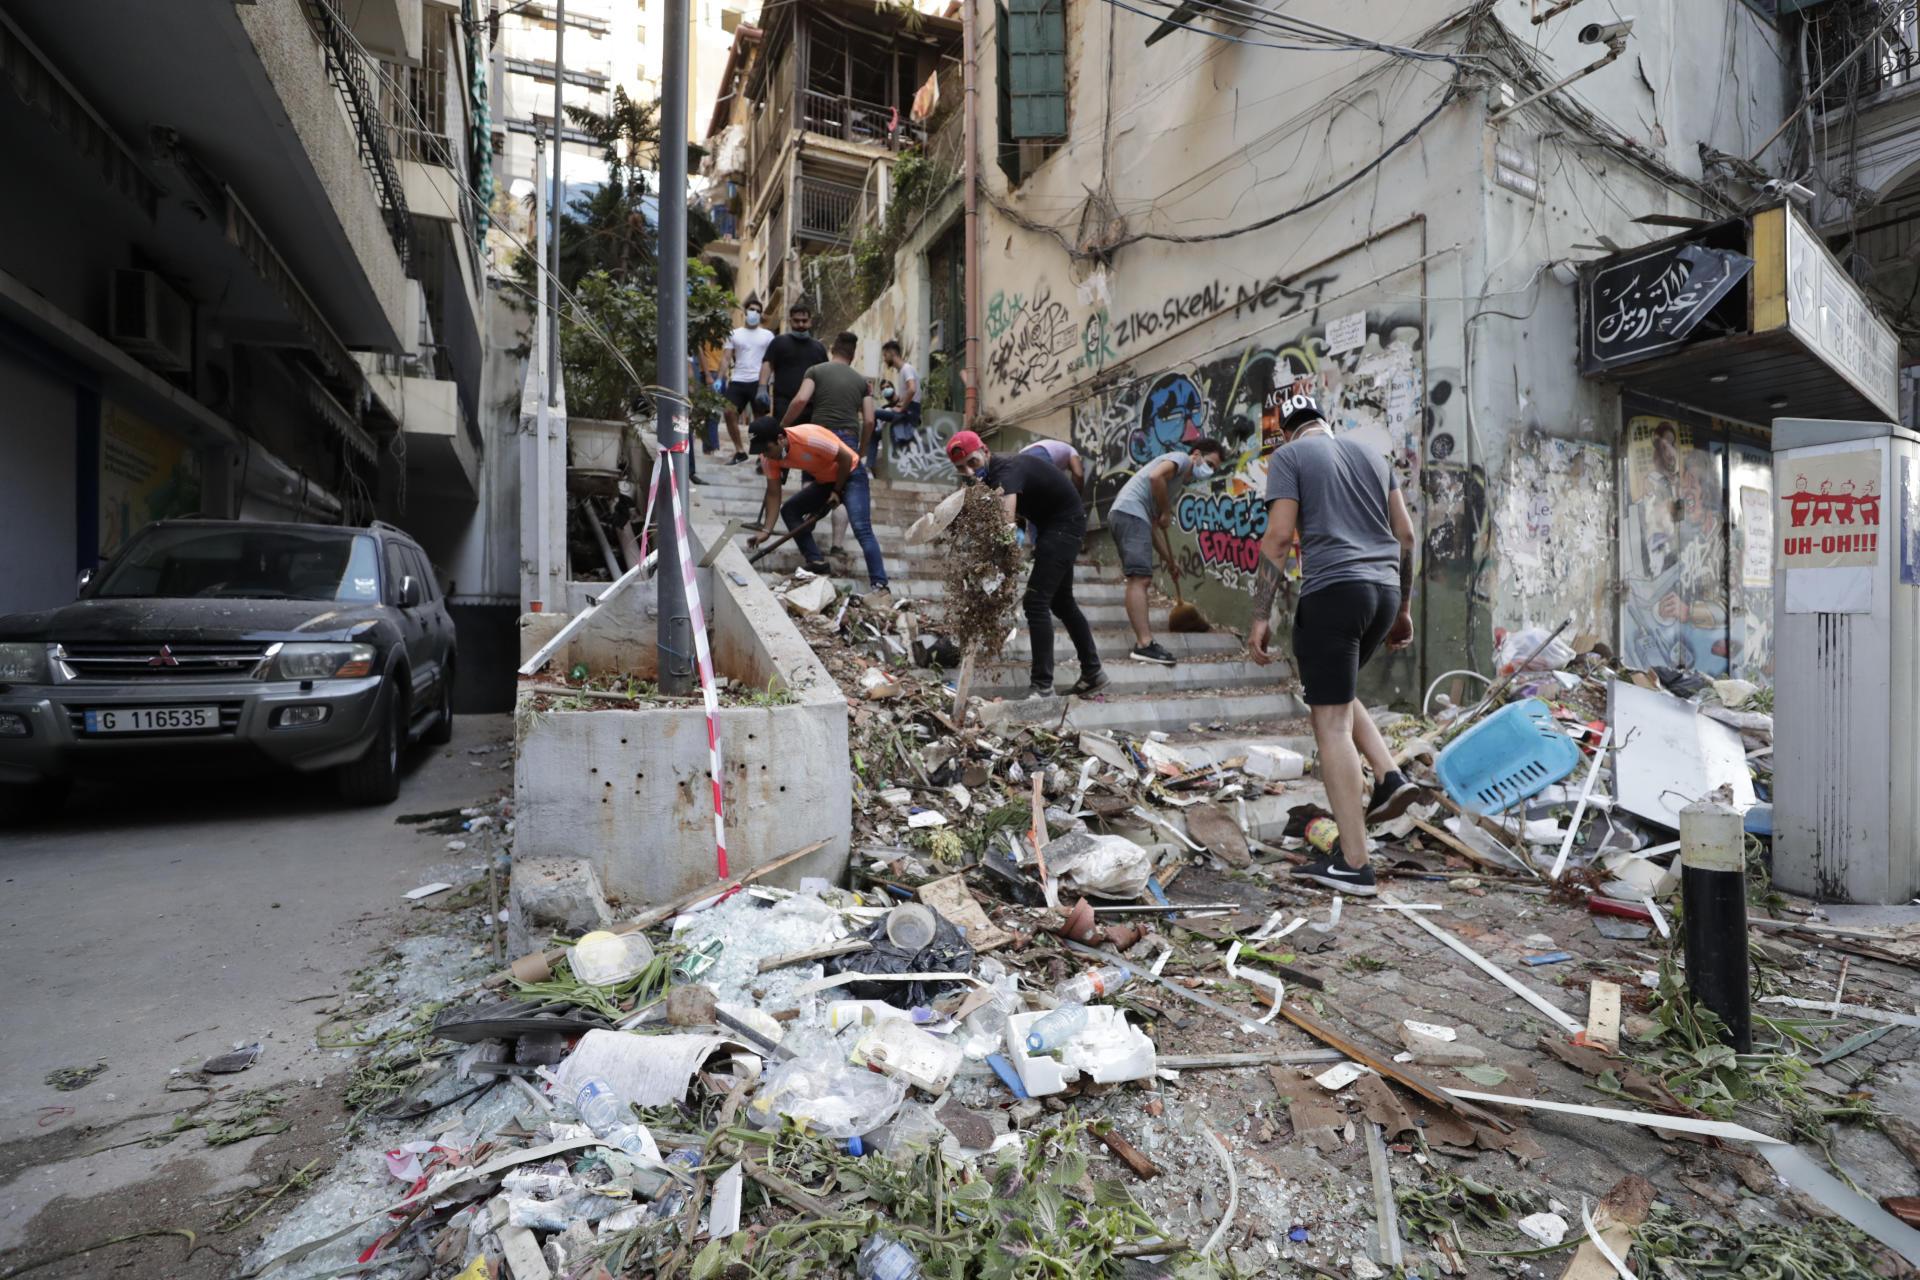 Dans la rue, les civils commencent à nettoyer les décombres.